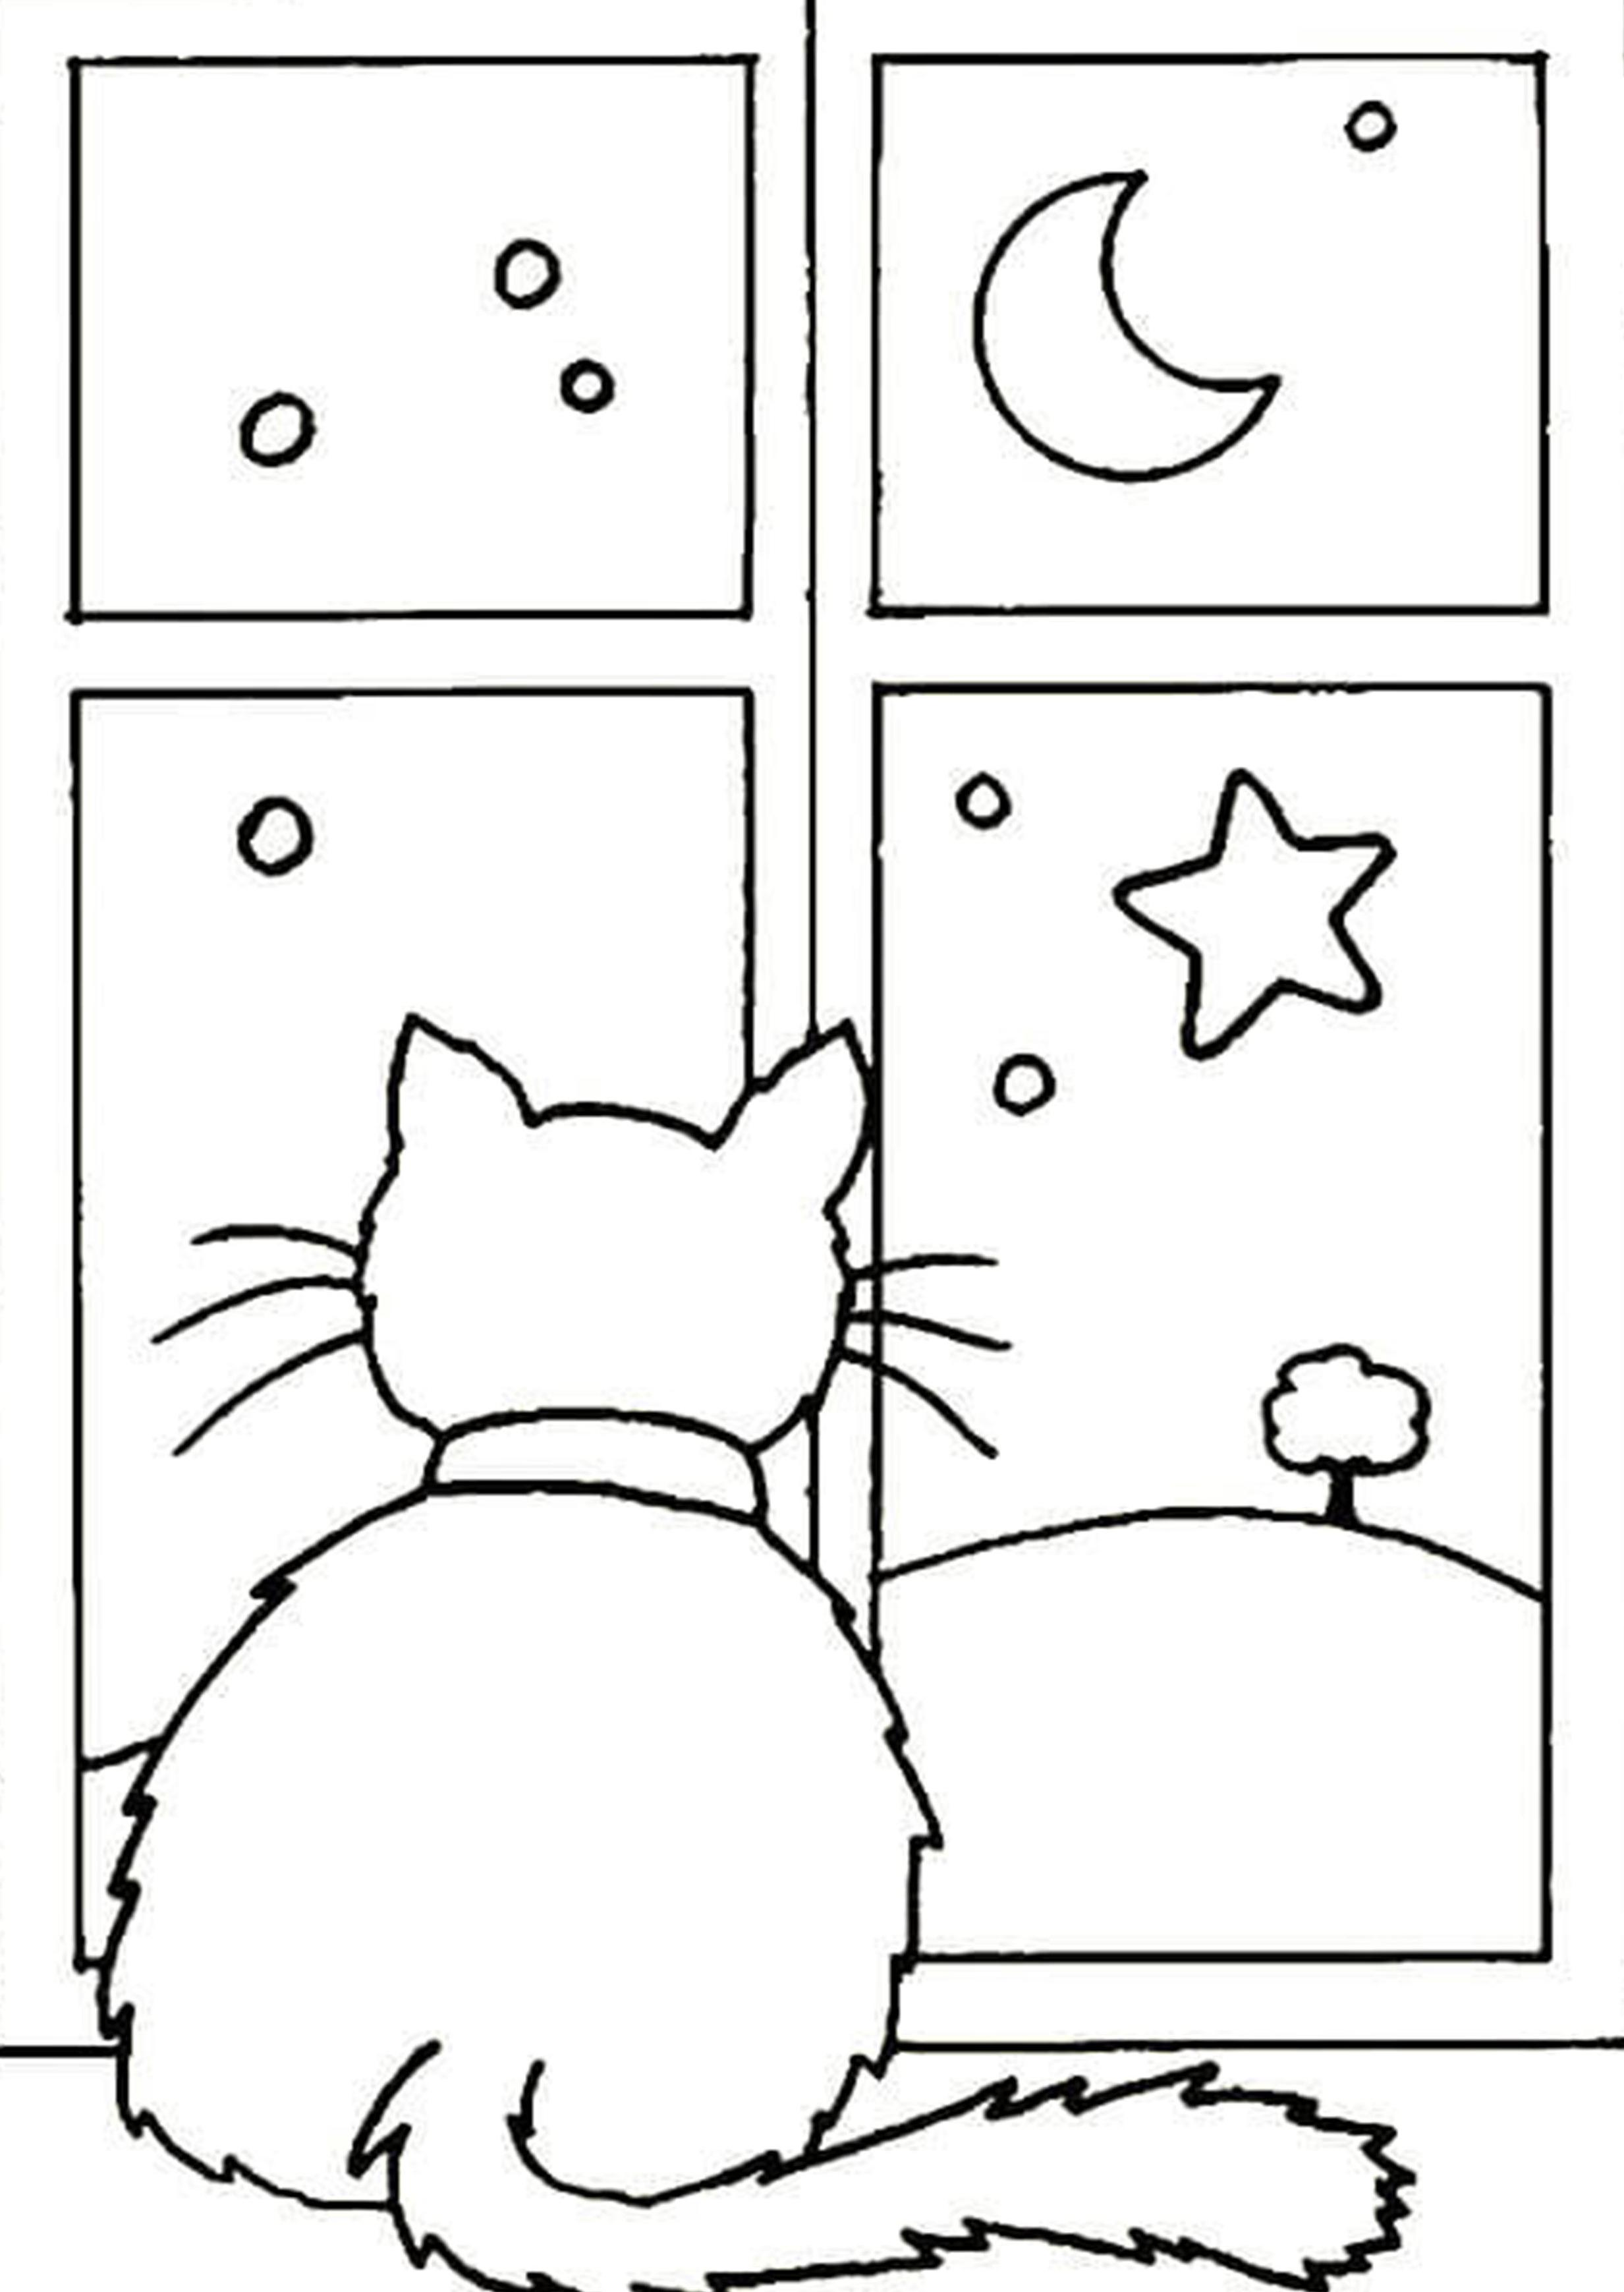 Новогодняя картинка раскраска с животными